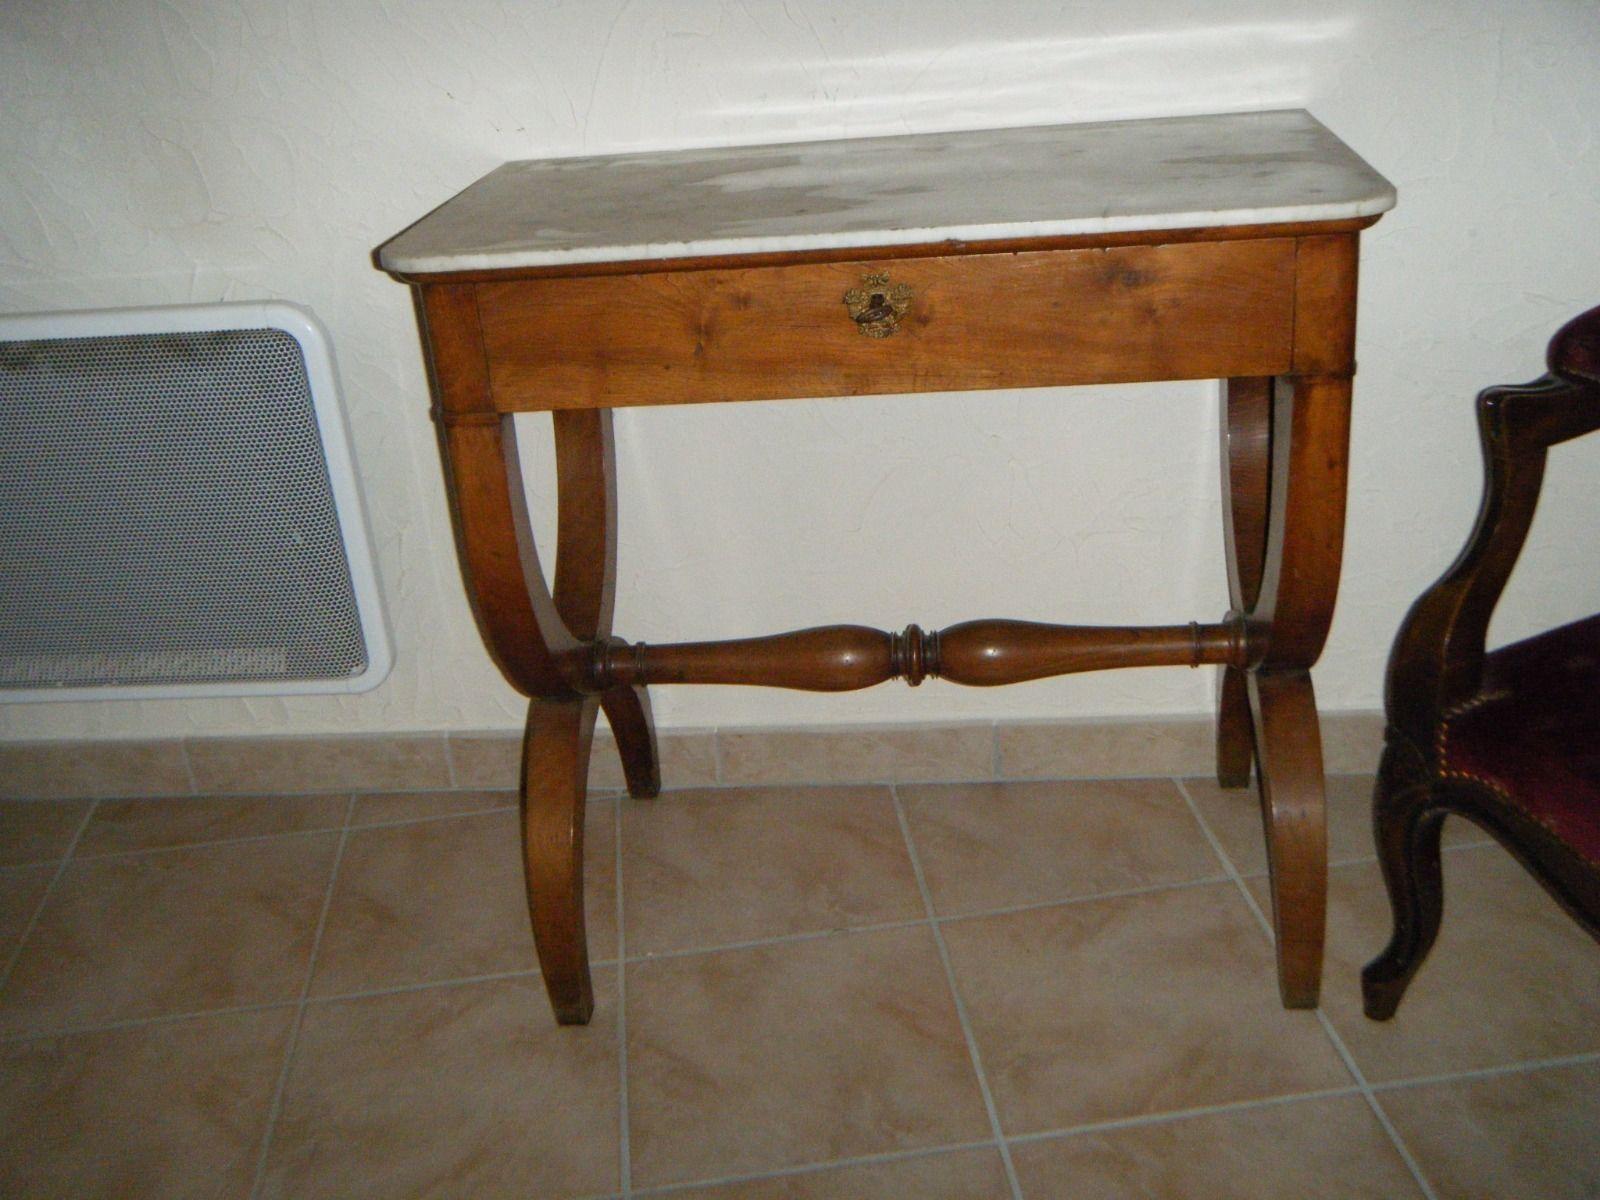 Rare Console Epoque Charles X En Placage De Noyer Art Antiquites Meubles Decoration Xixeme Objets De Decoration Ebay Home Decor Decor Furniture